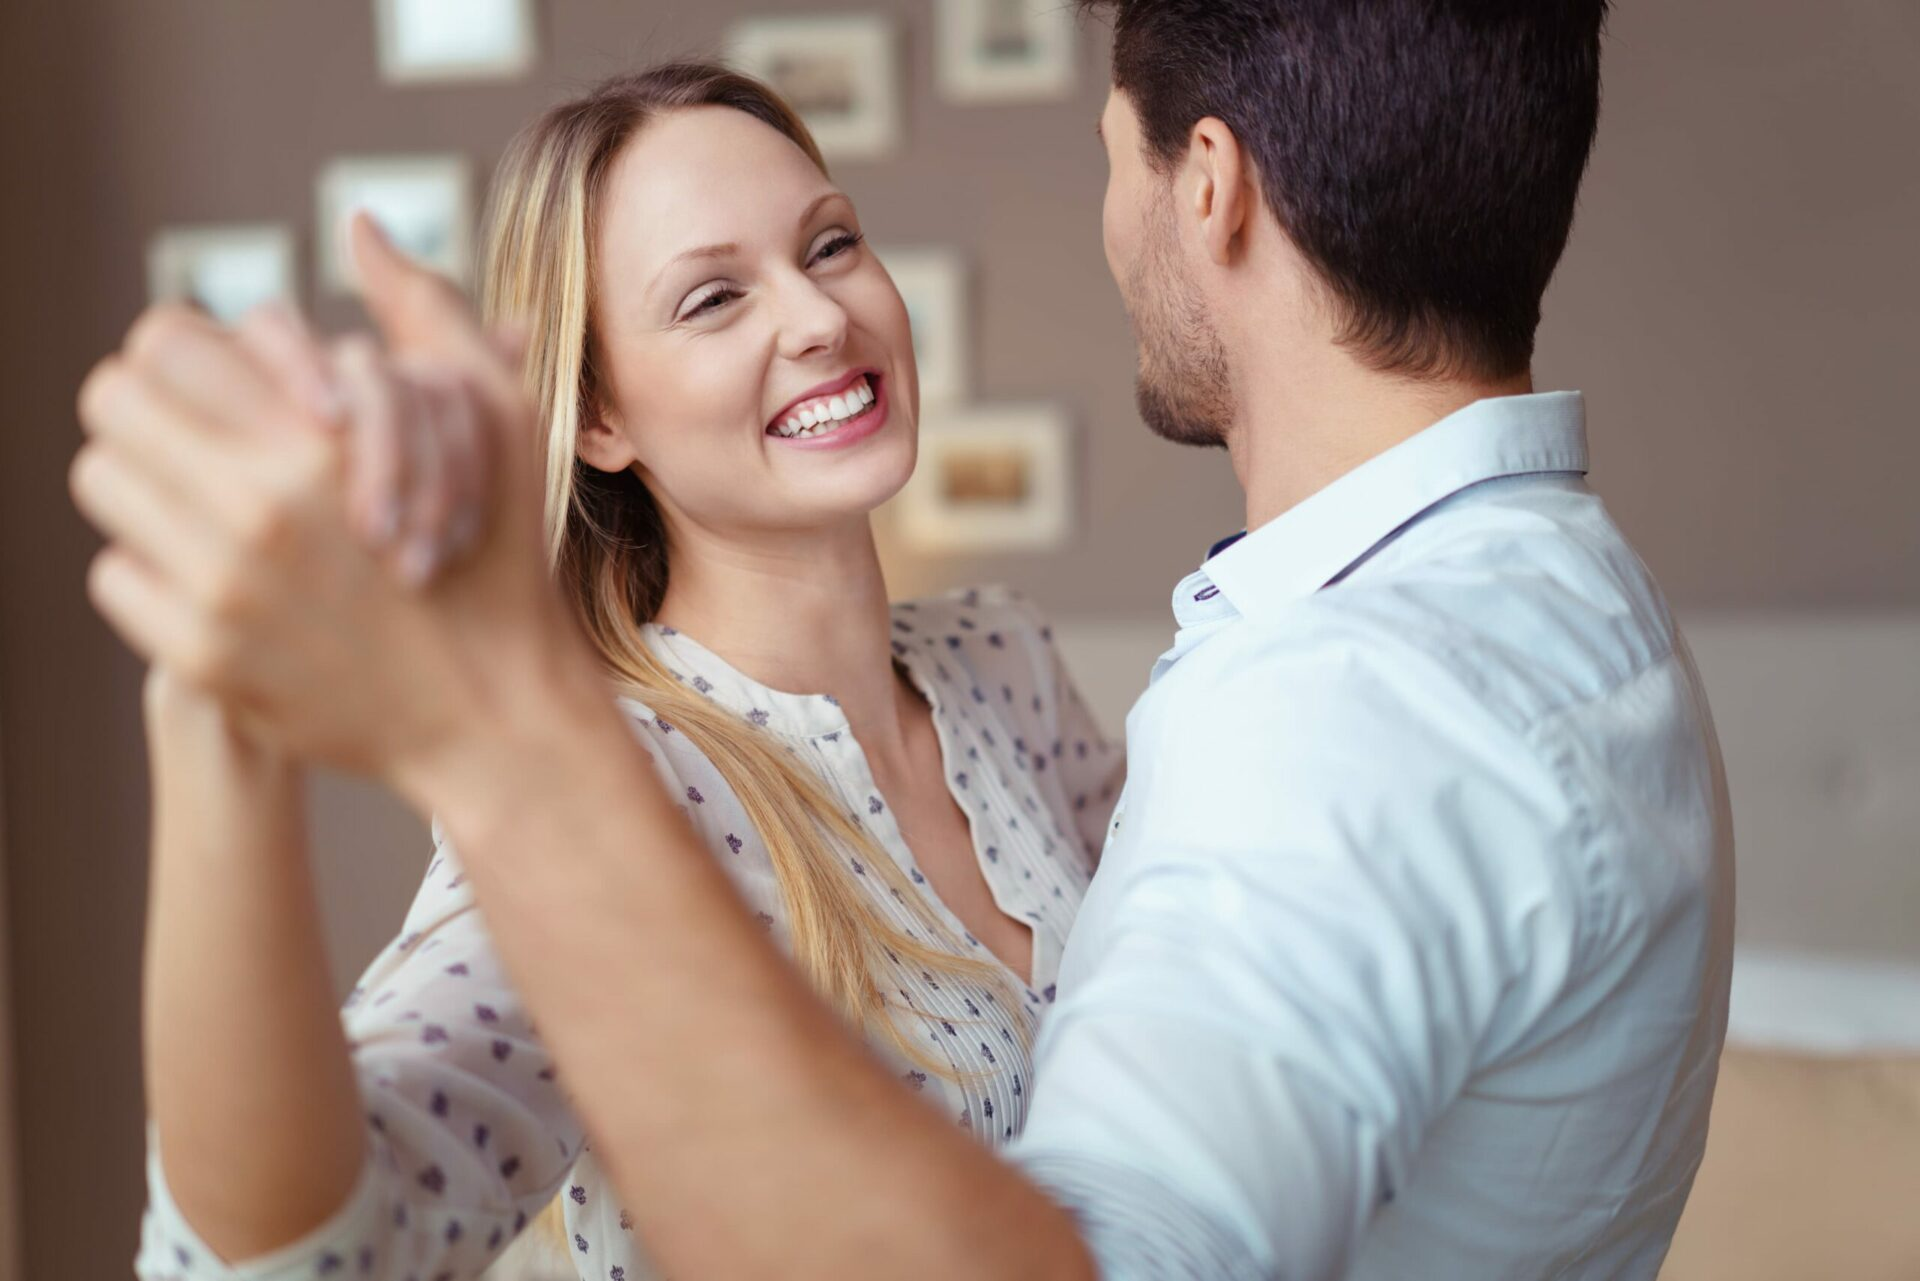 Ein jungen Tanzpaar hat sich über die Tanzpartnerbörse gefunden